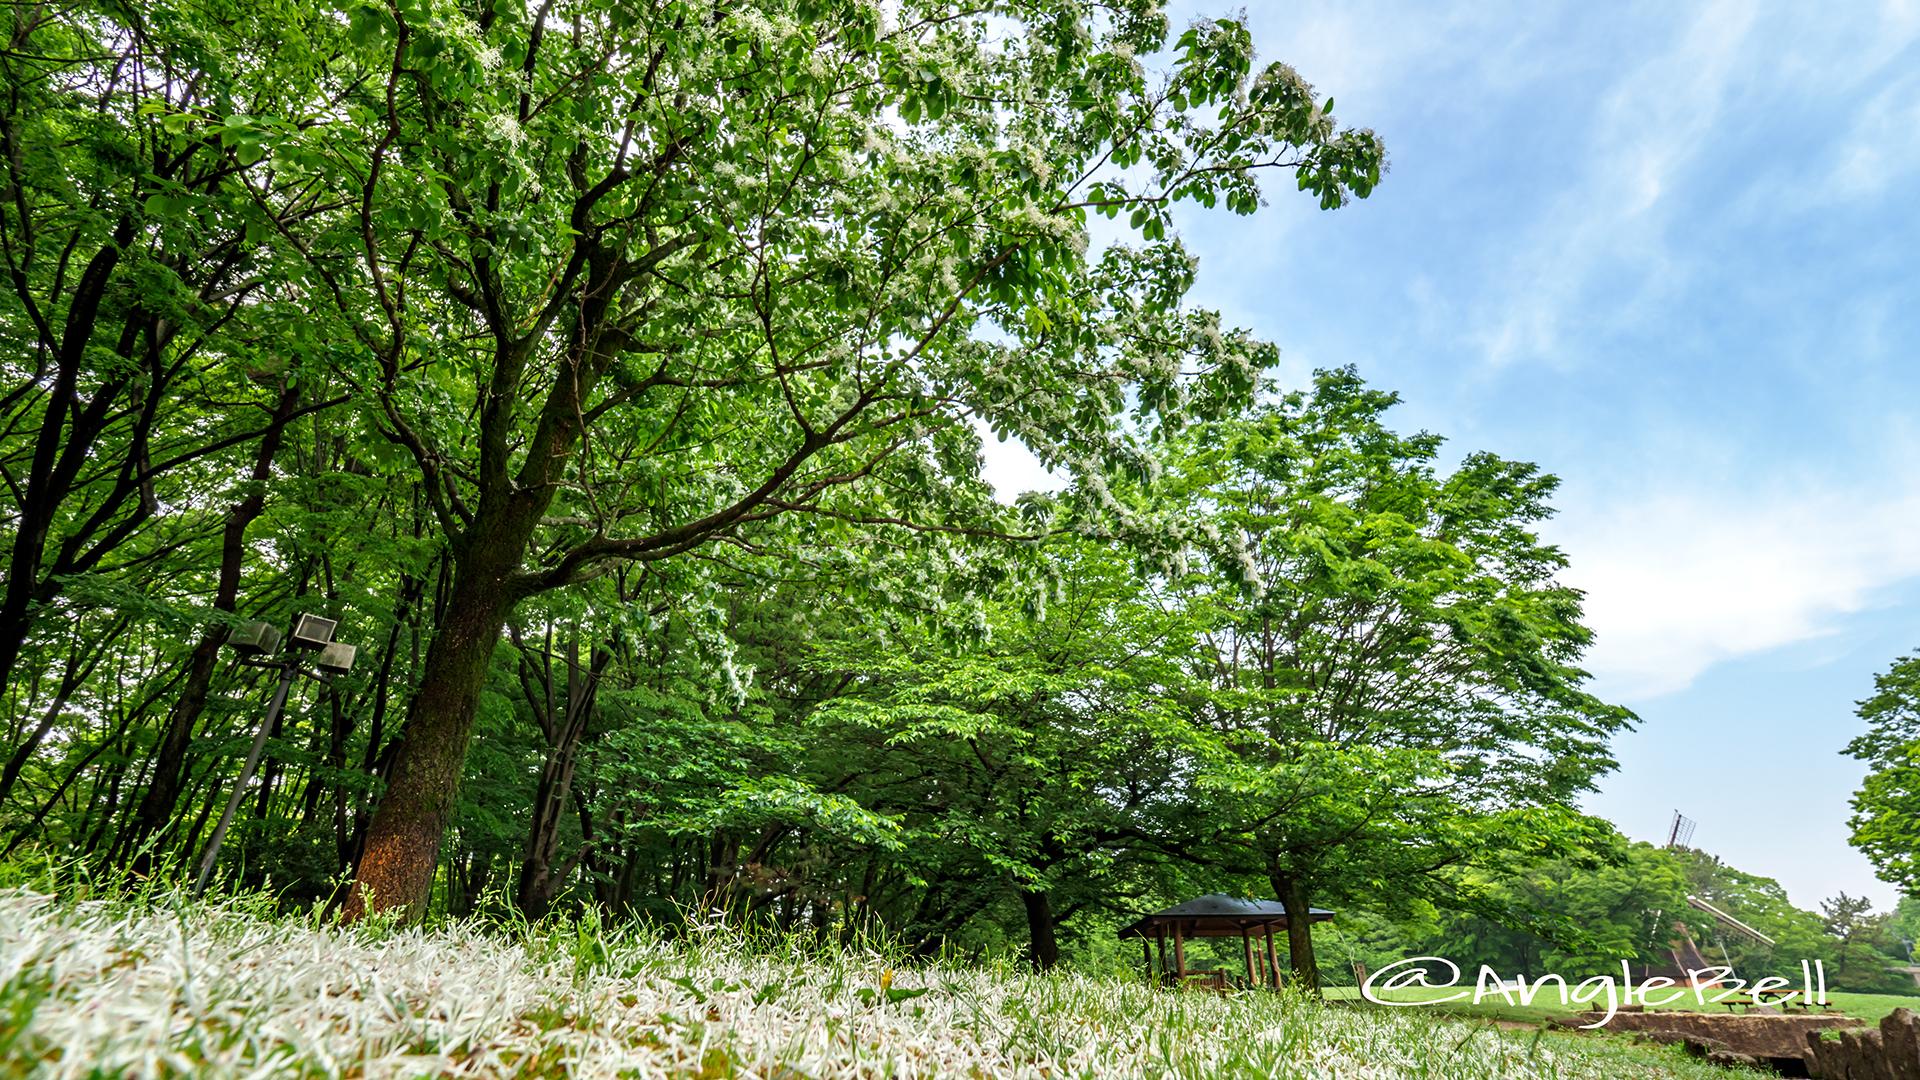 ヒトツバタゴ 一つ葉タゴ Flower Photo5